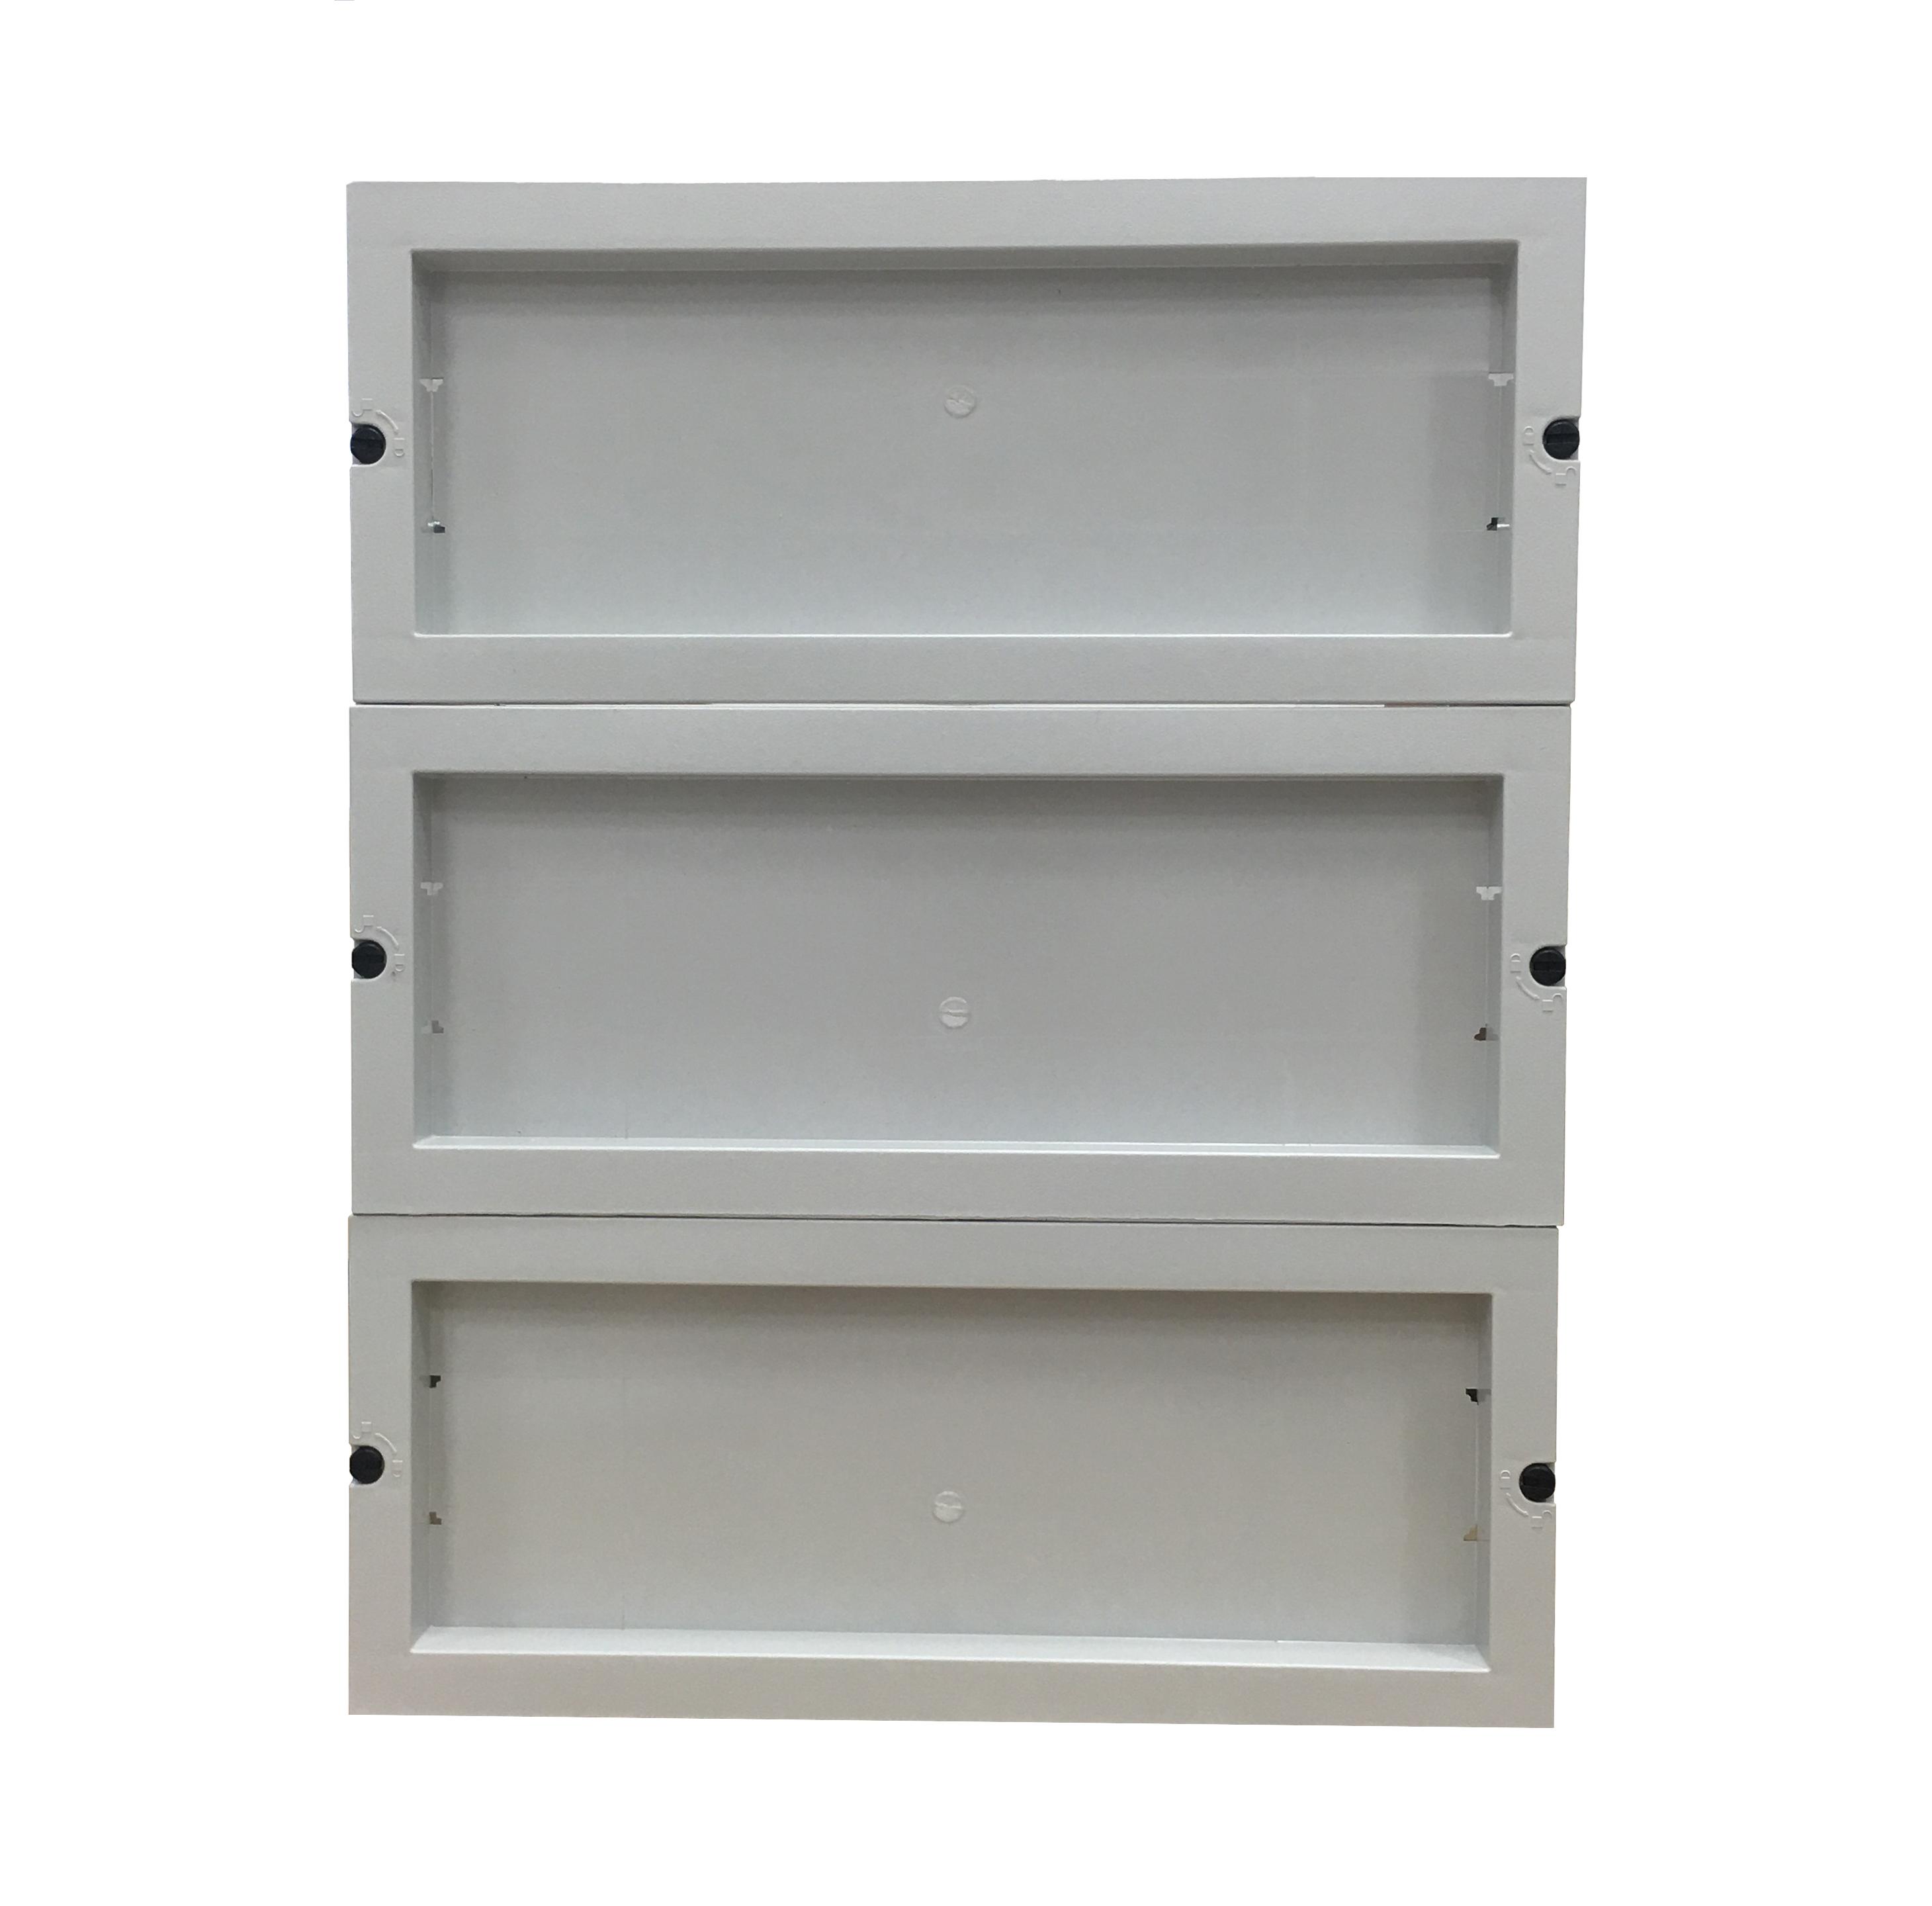 1 Stk Installationseinsatz für 500x400, 3x18TE IMCH0054--